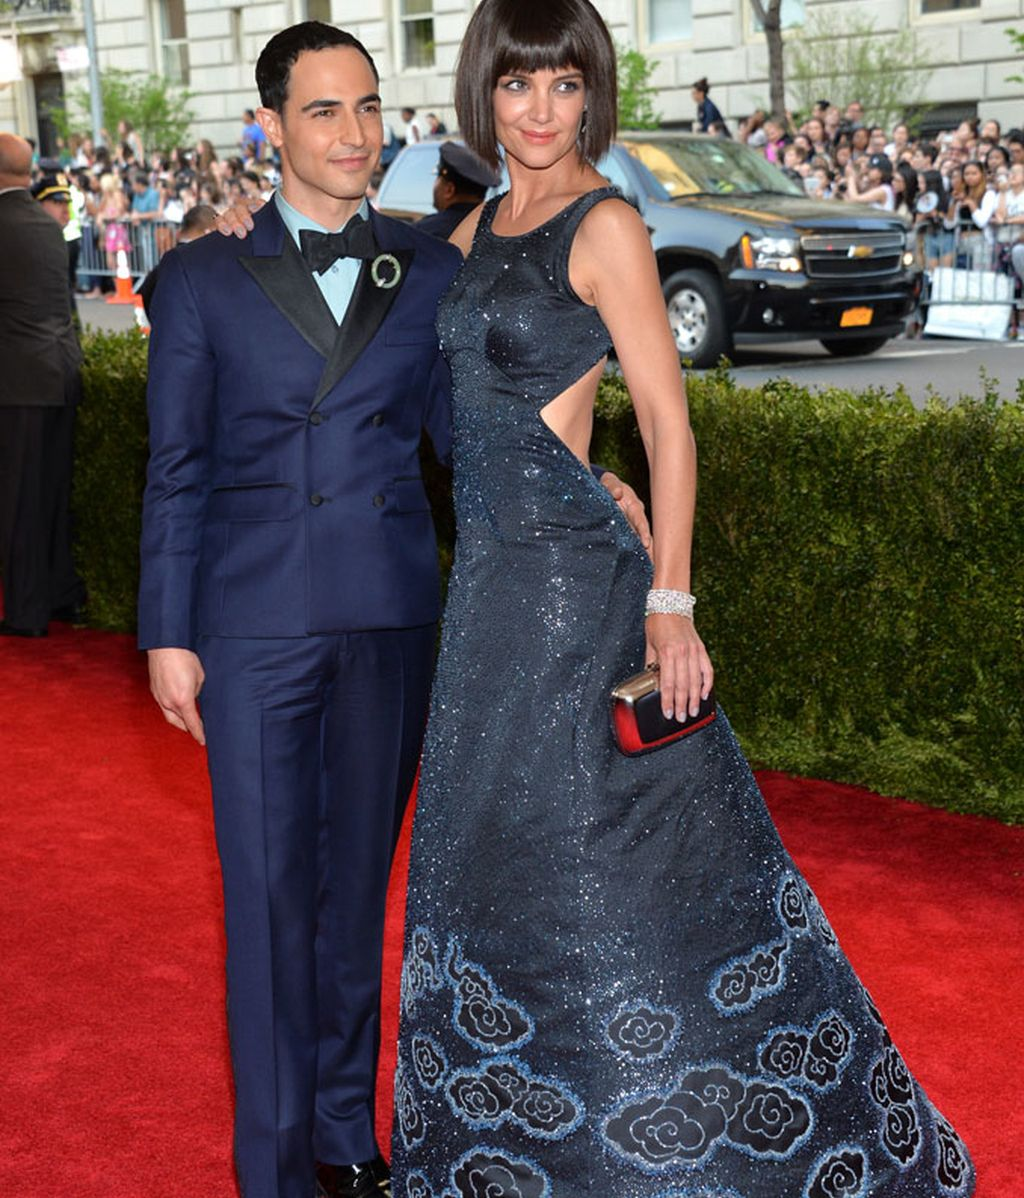 Katie Holmes junto al diseñador de su vestido, Zac Posen